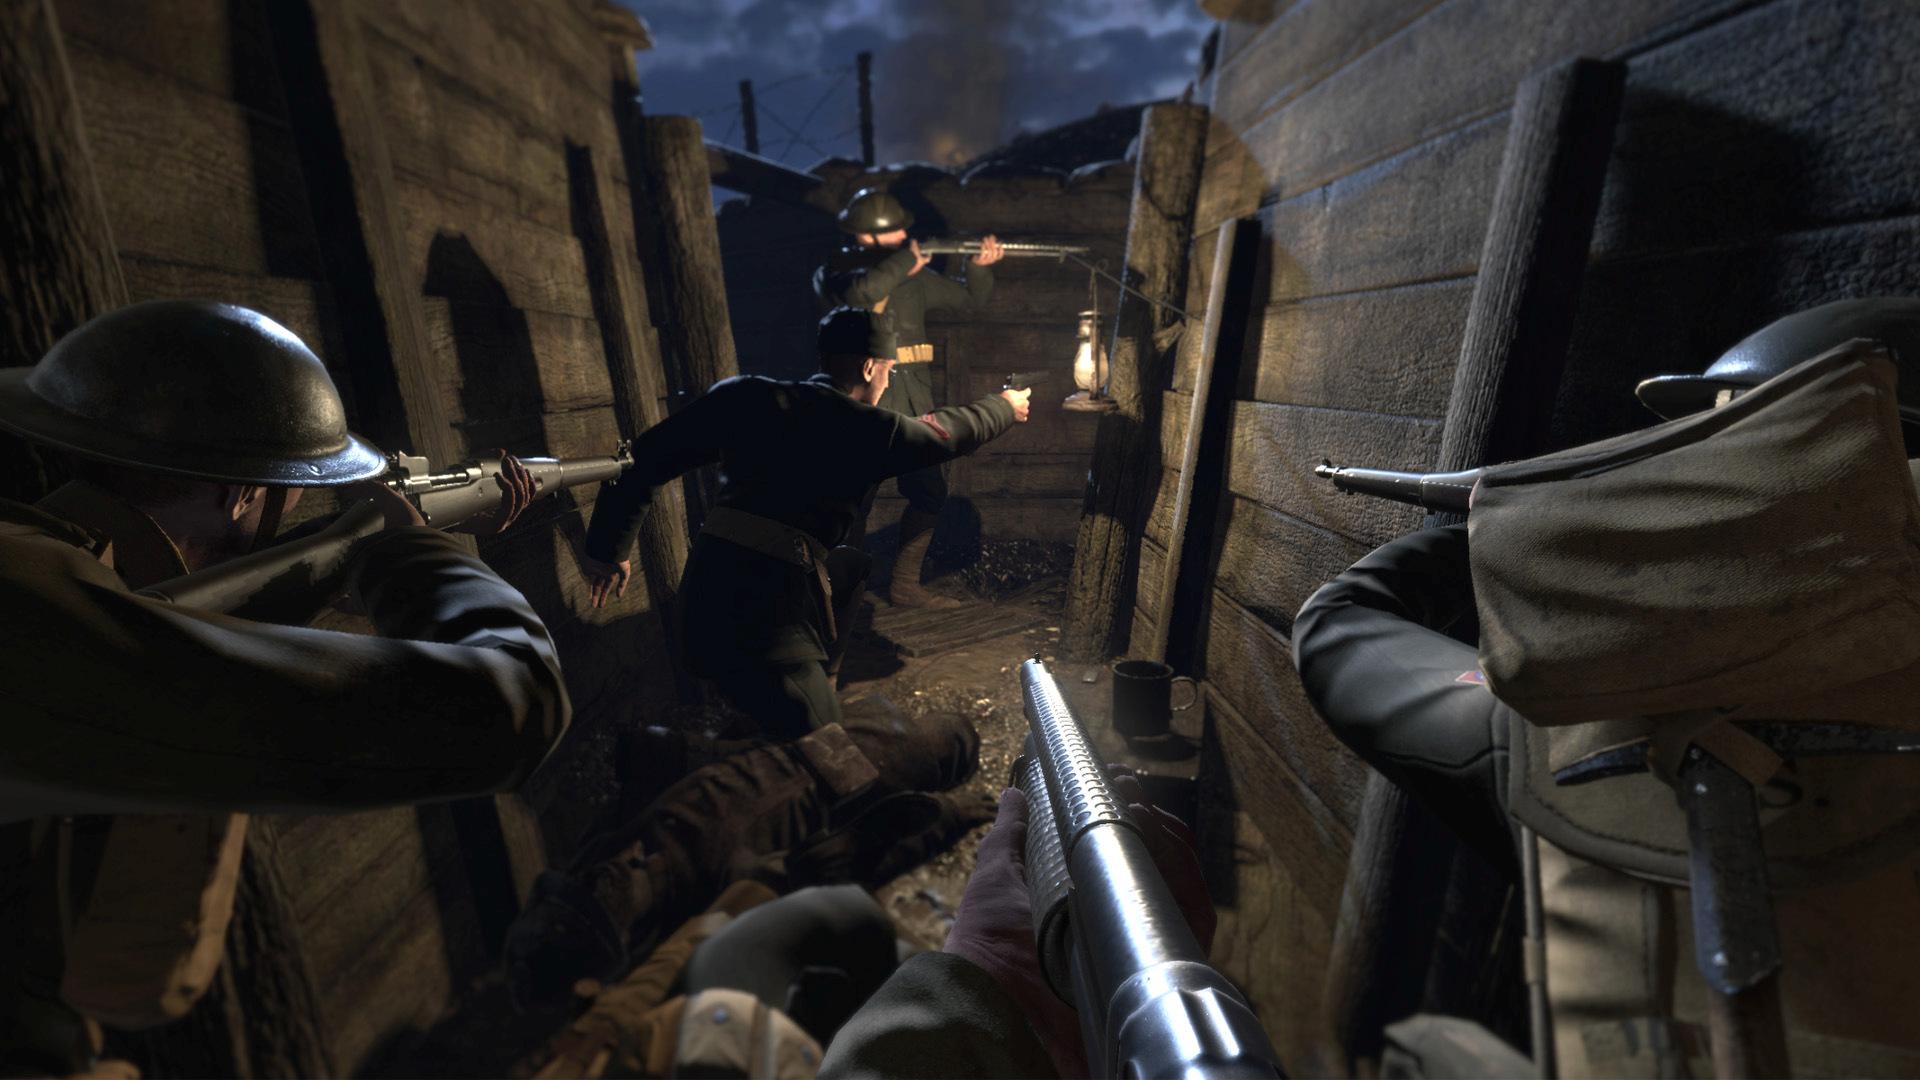 اکانت اریجینال استیم بازی Verdun | با ایمیل اکانت